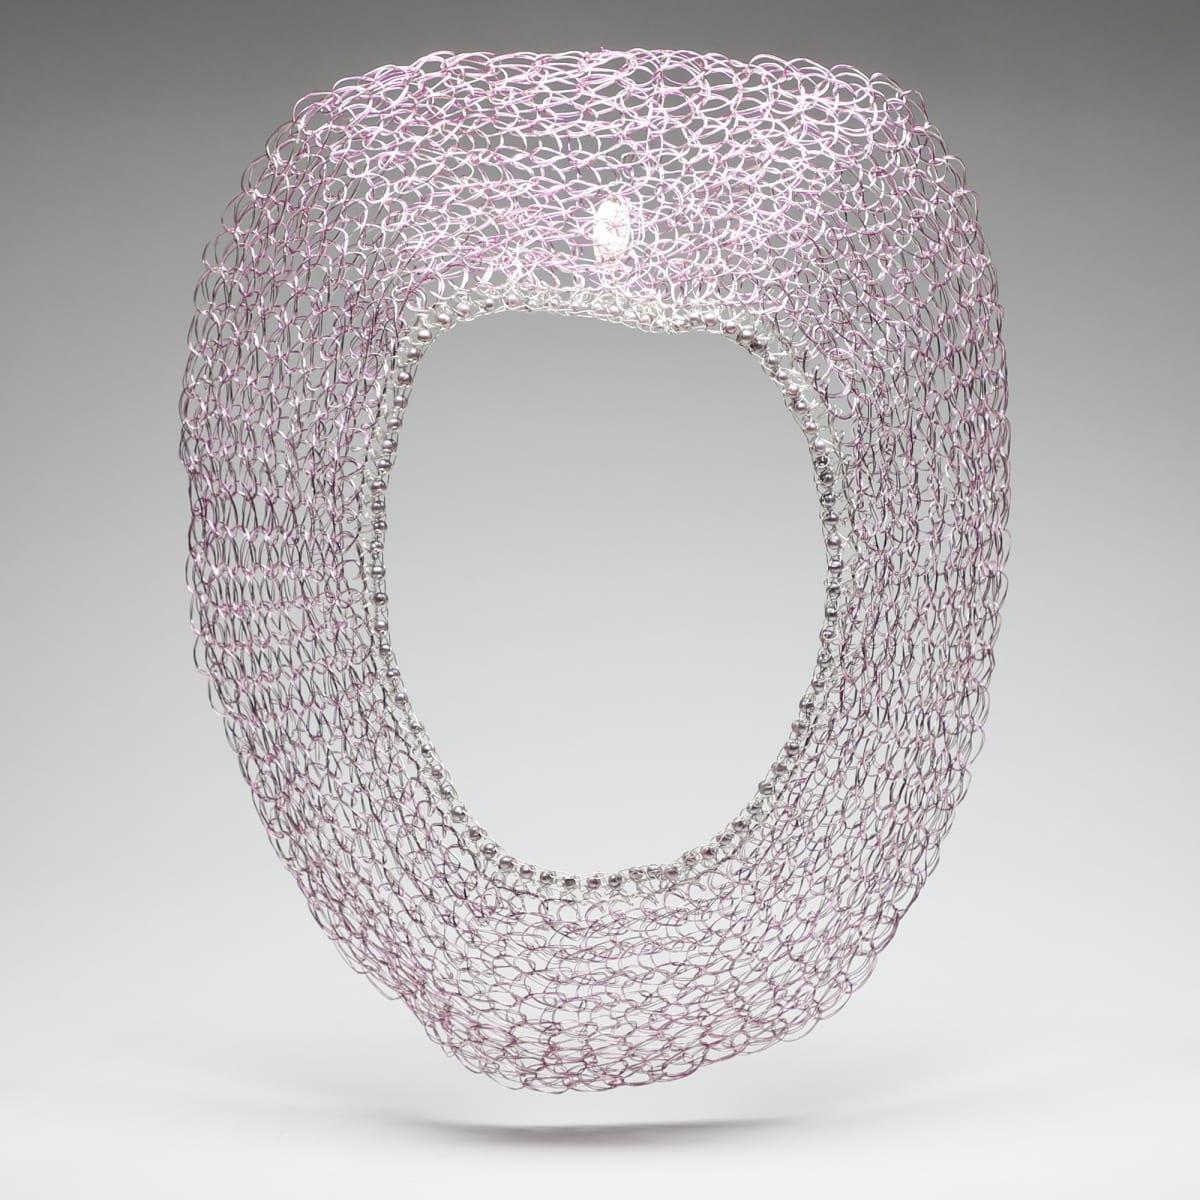 Arline Fisch, Silver & Lavender, 2002